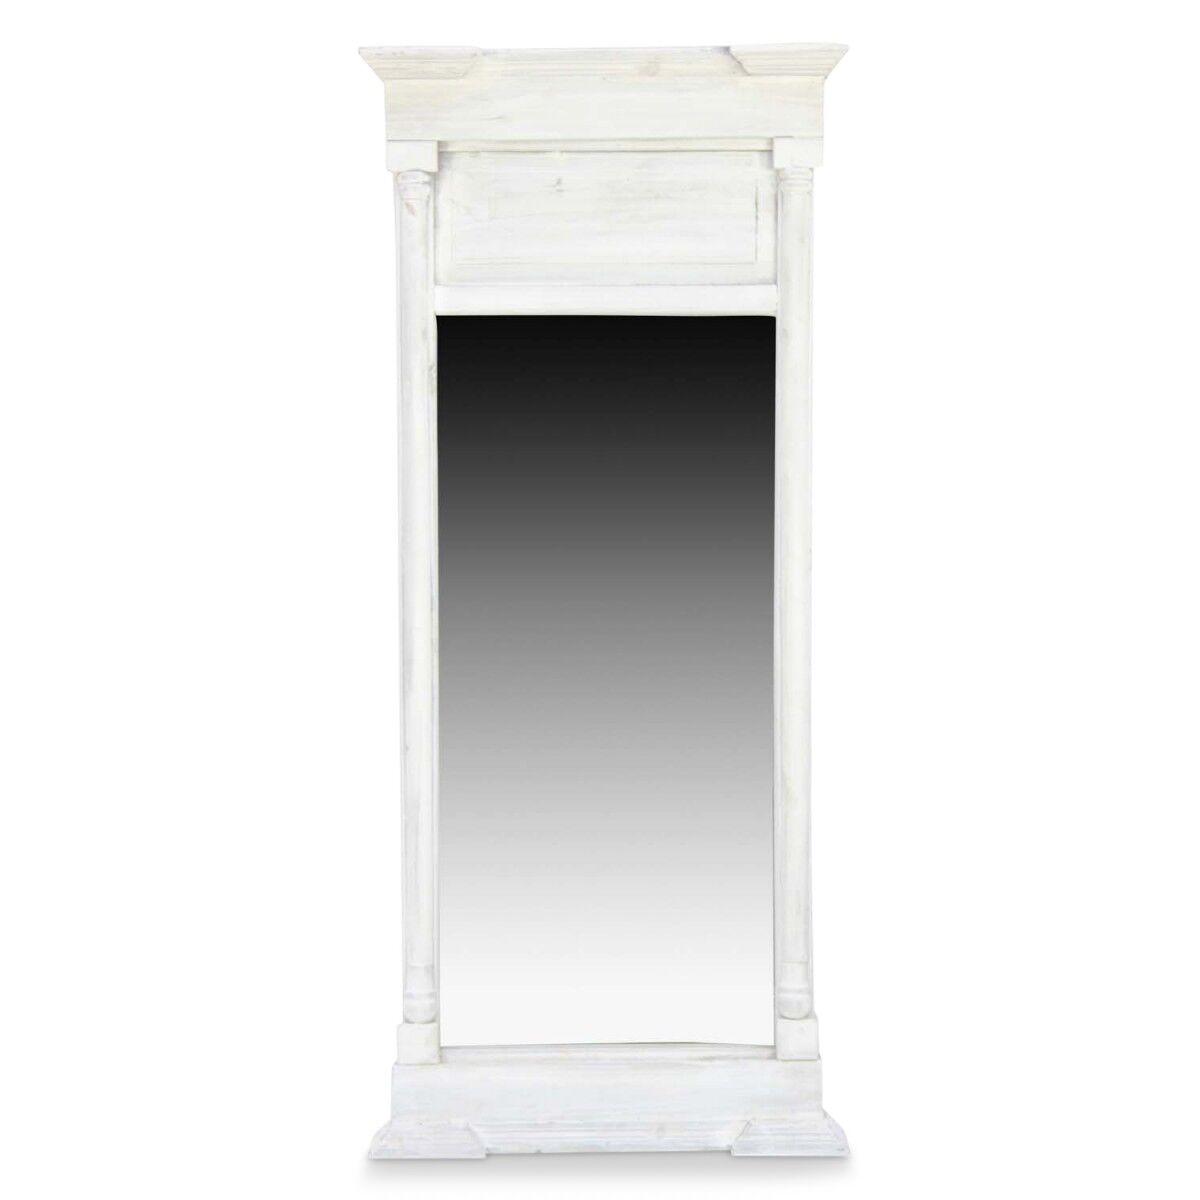 Grand Miroir Ancien Rectangulaire Vertical Bois Cerusé Blanc 59x11x136cm